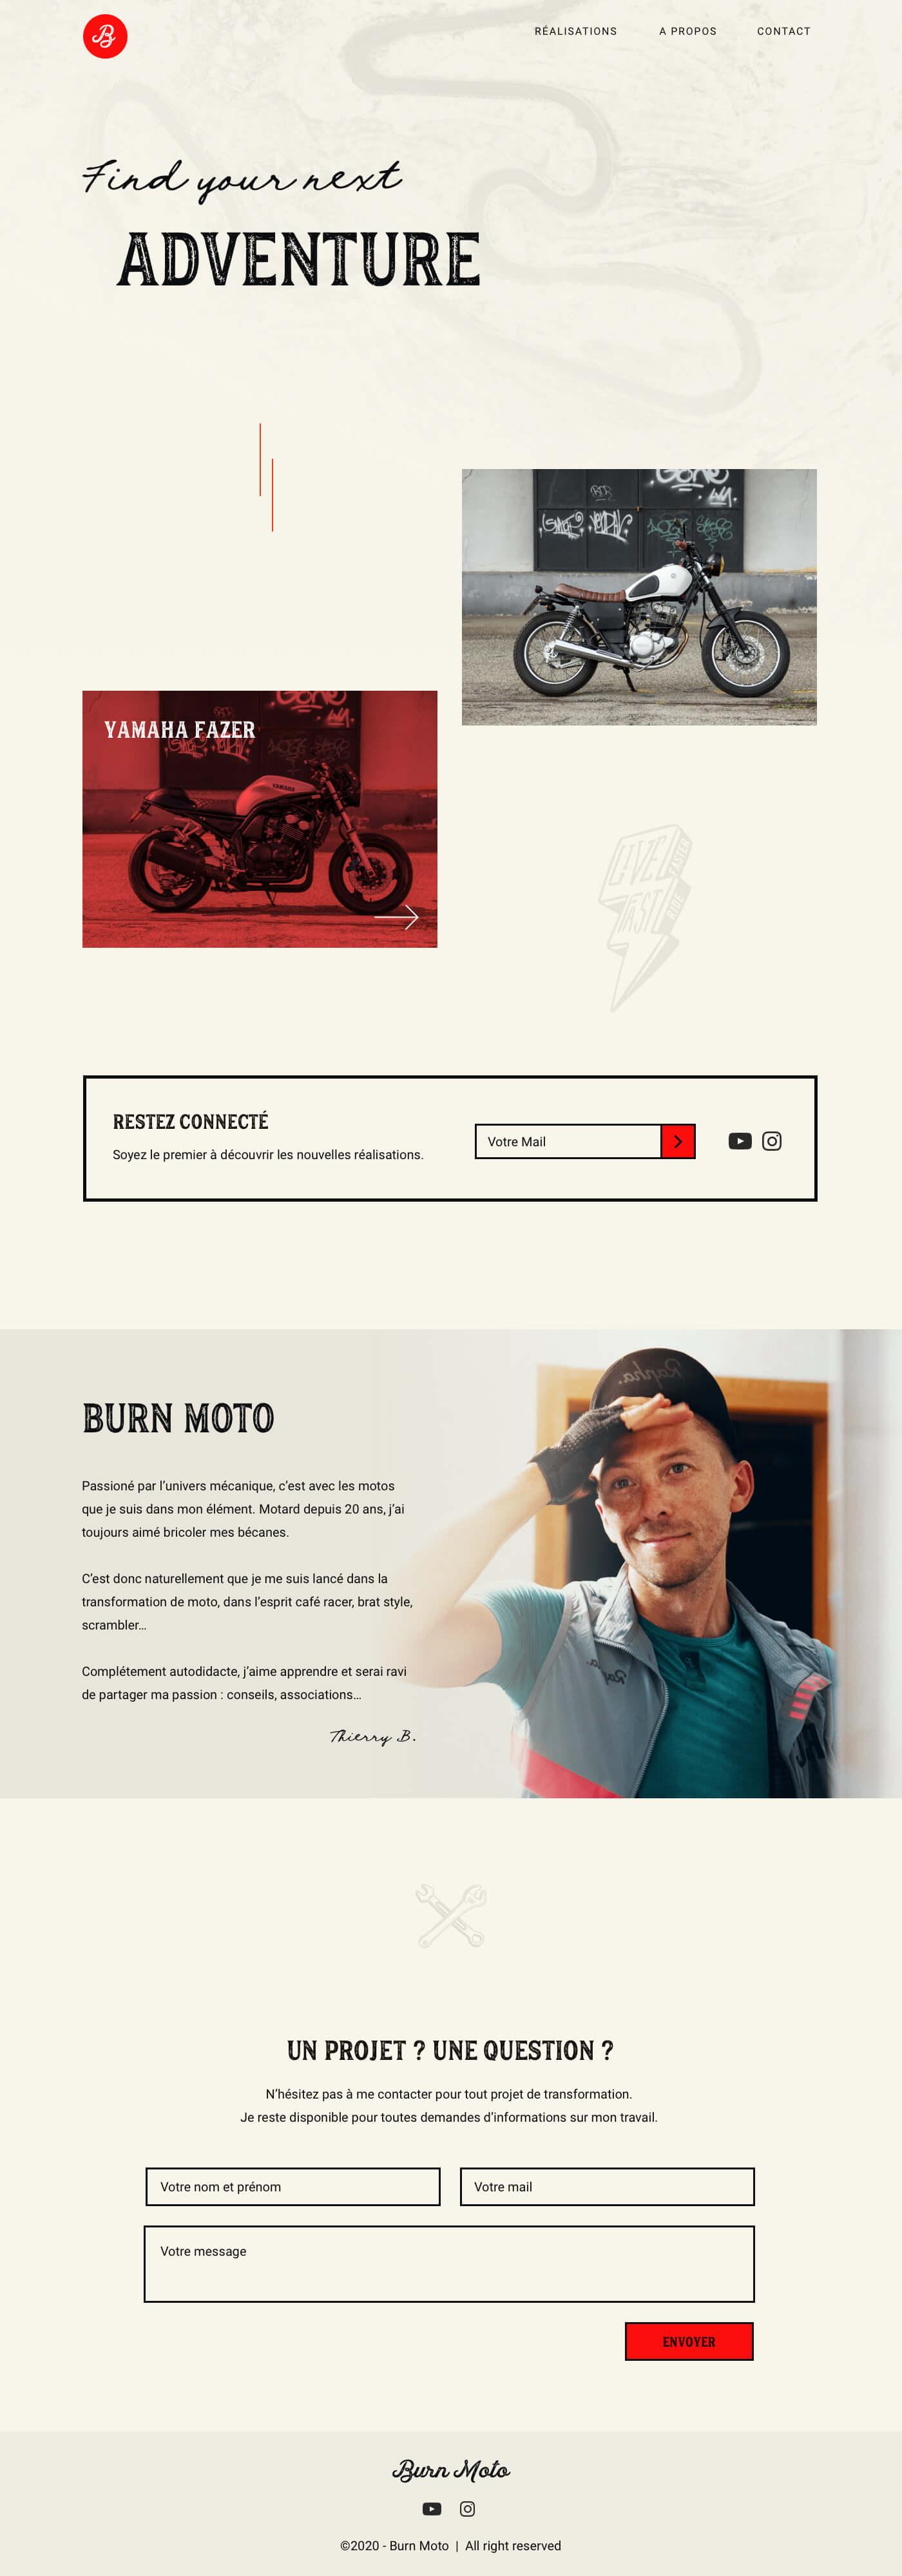 maquette de la page d'accueil du projet burn moto